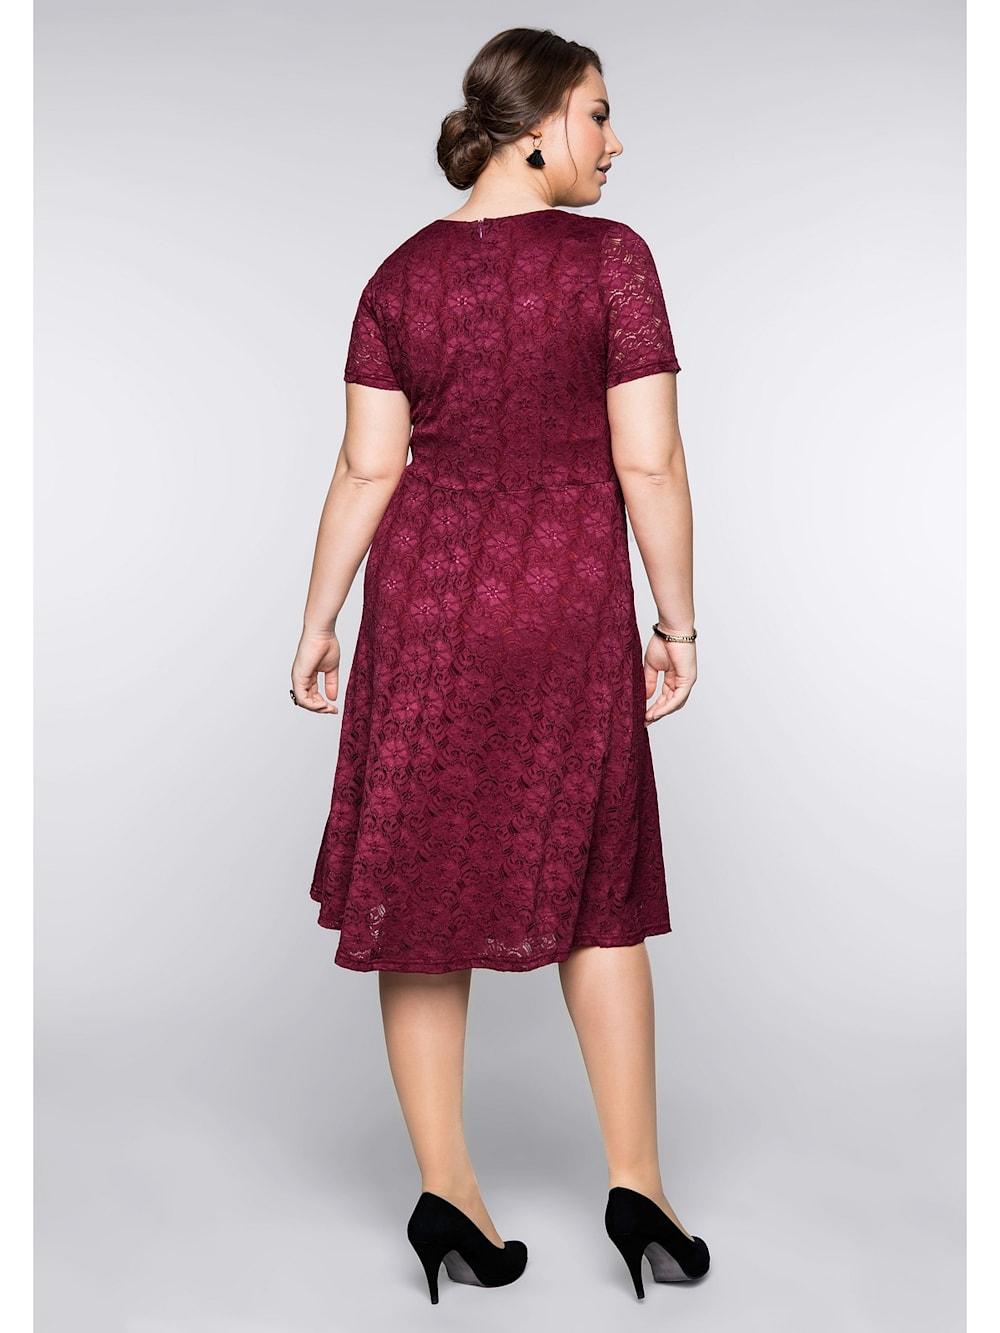 sheego sheego spitzenkleid mit bodyforming-effekt und innenkleid   happy  size